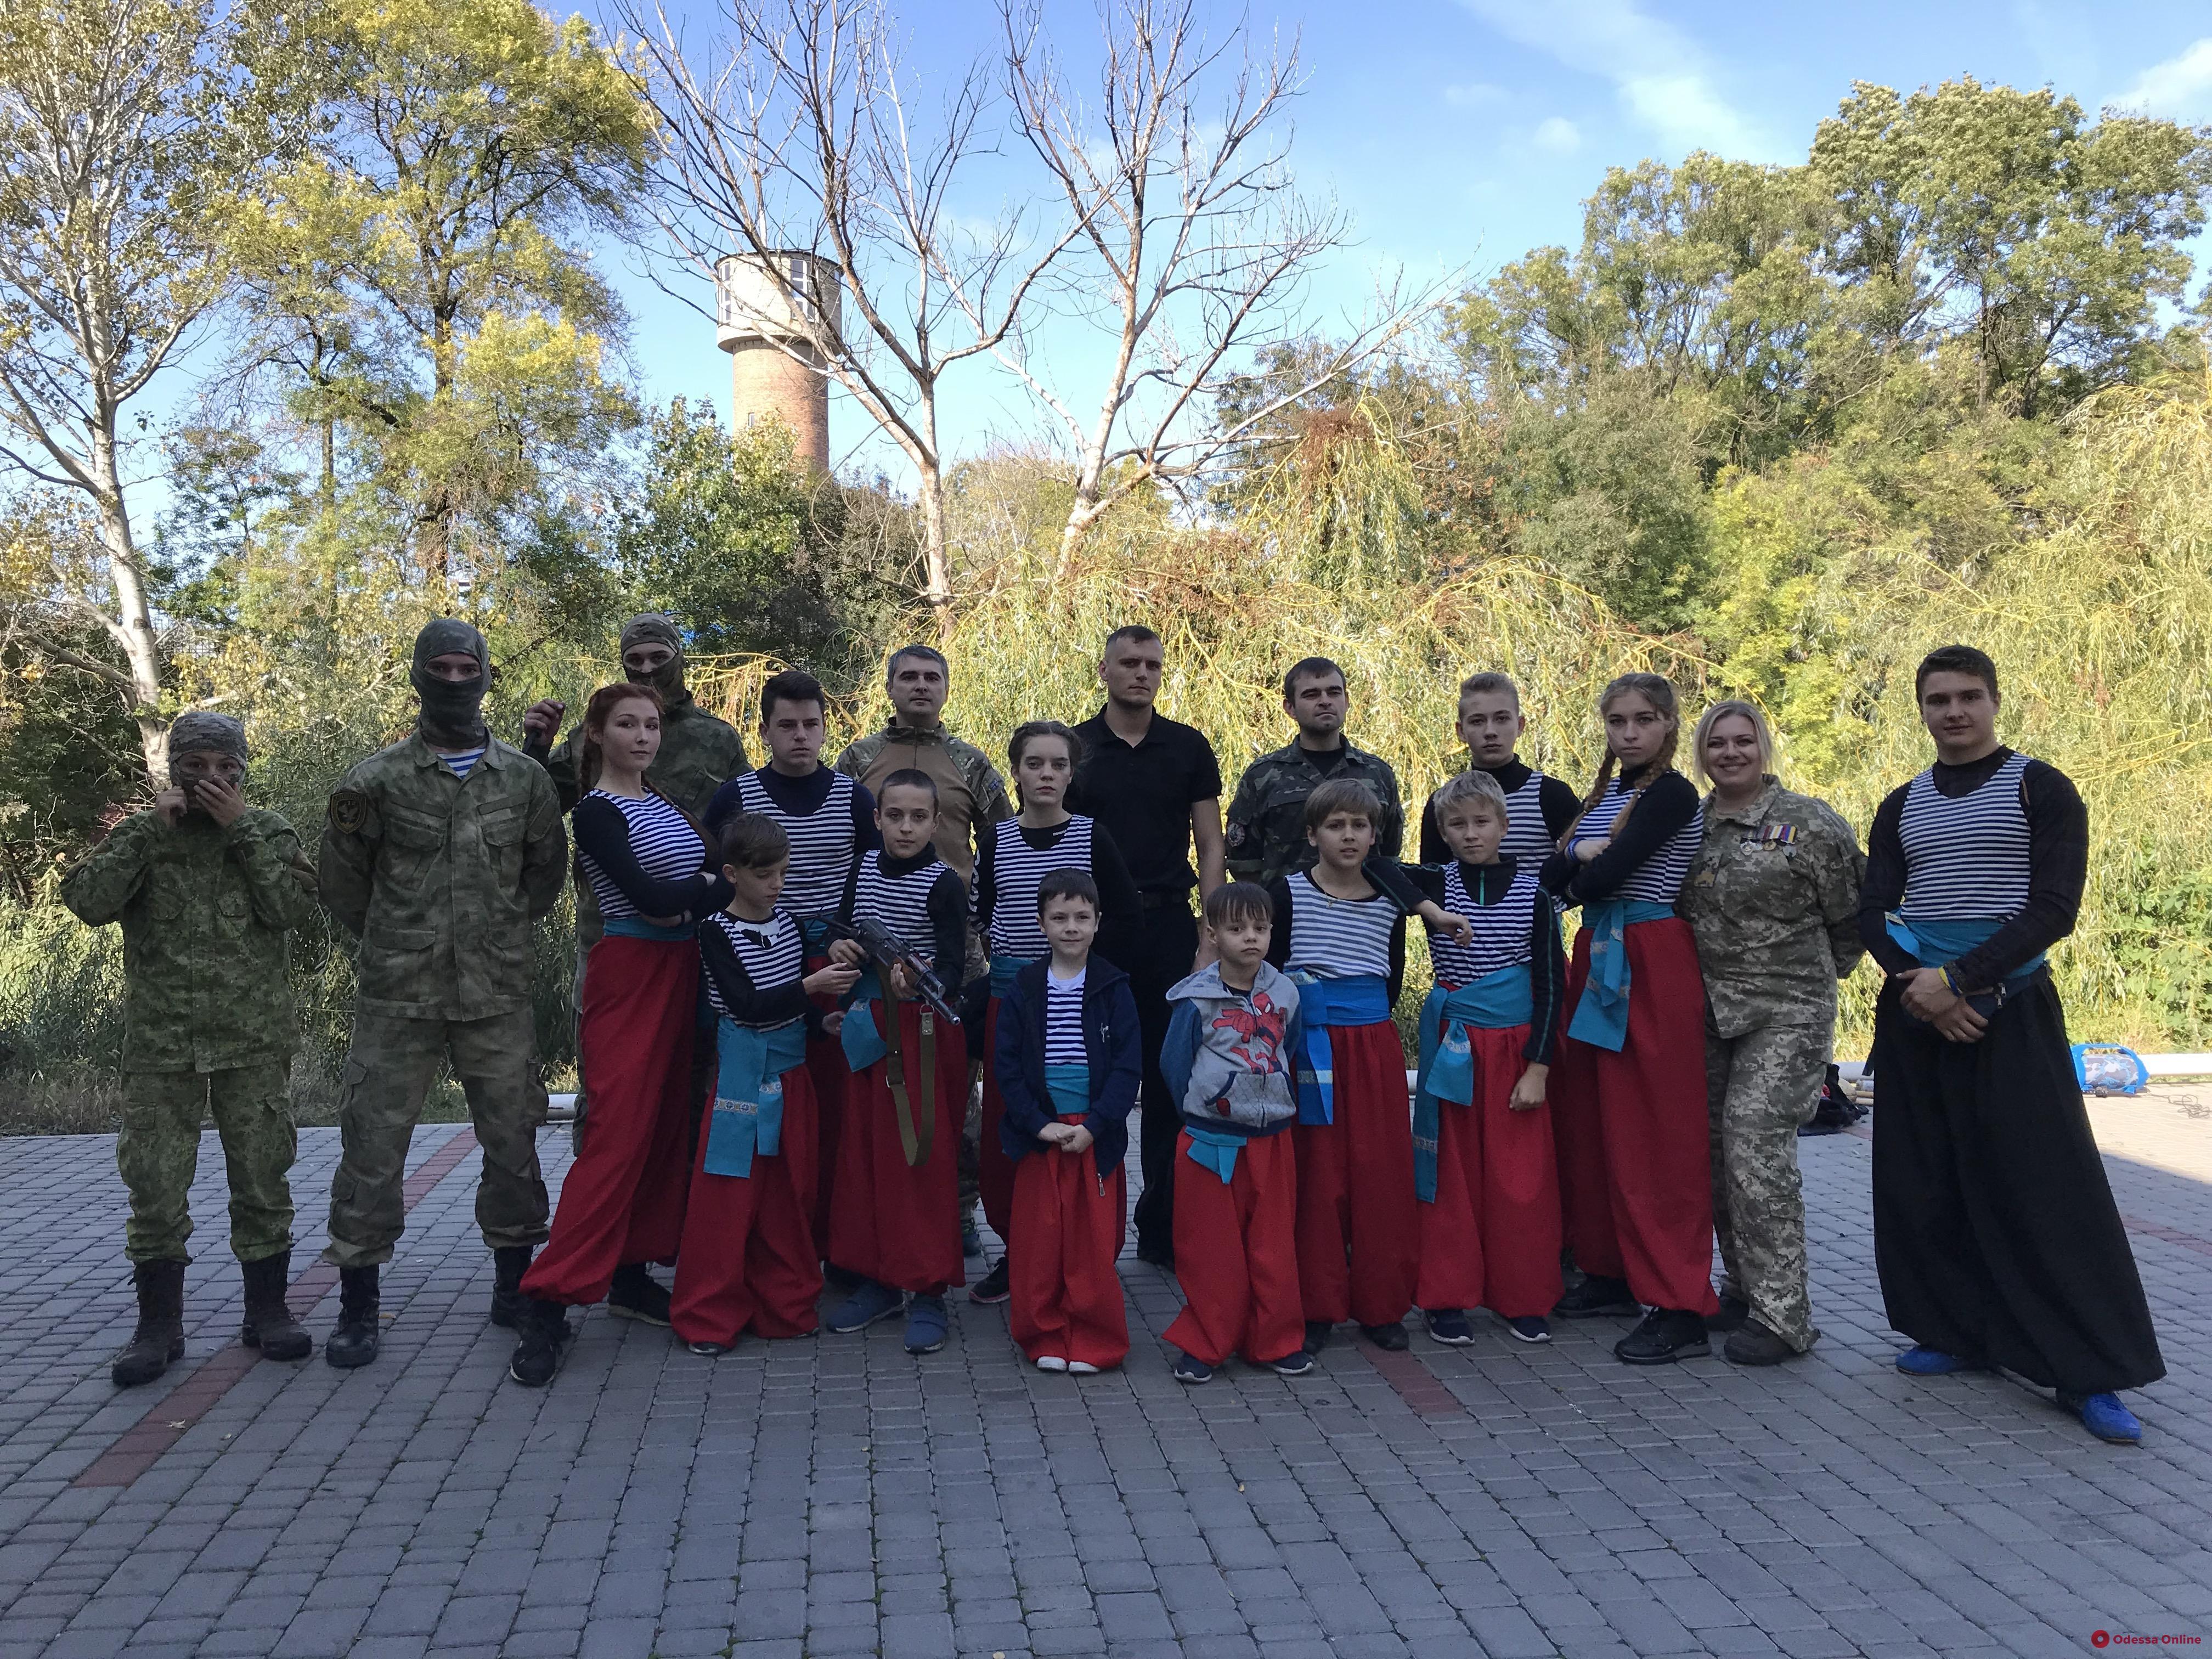 Хортинг, мастер-класс по гончарству и кино: в Одессе развернулся фестиваль «Потомки казачества» (фото, видео)